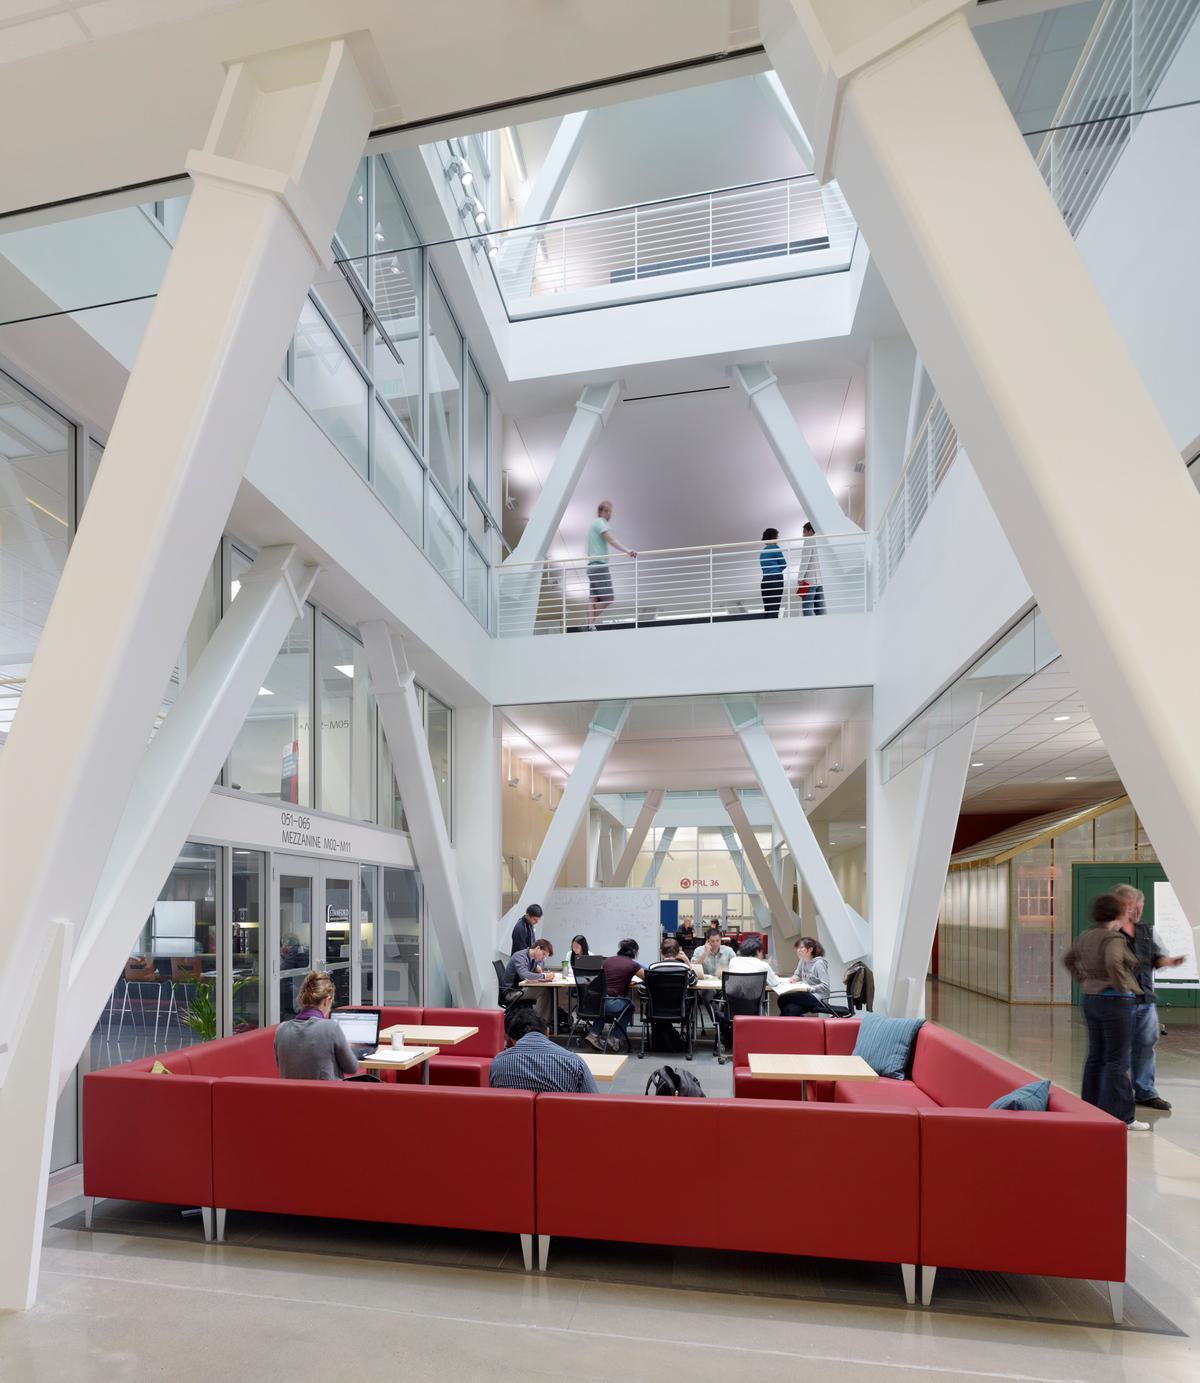 Ground floor level of Atrium